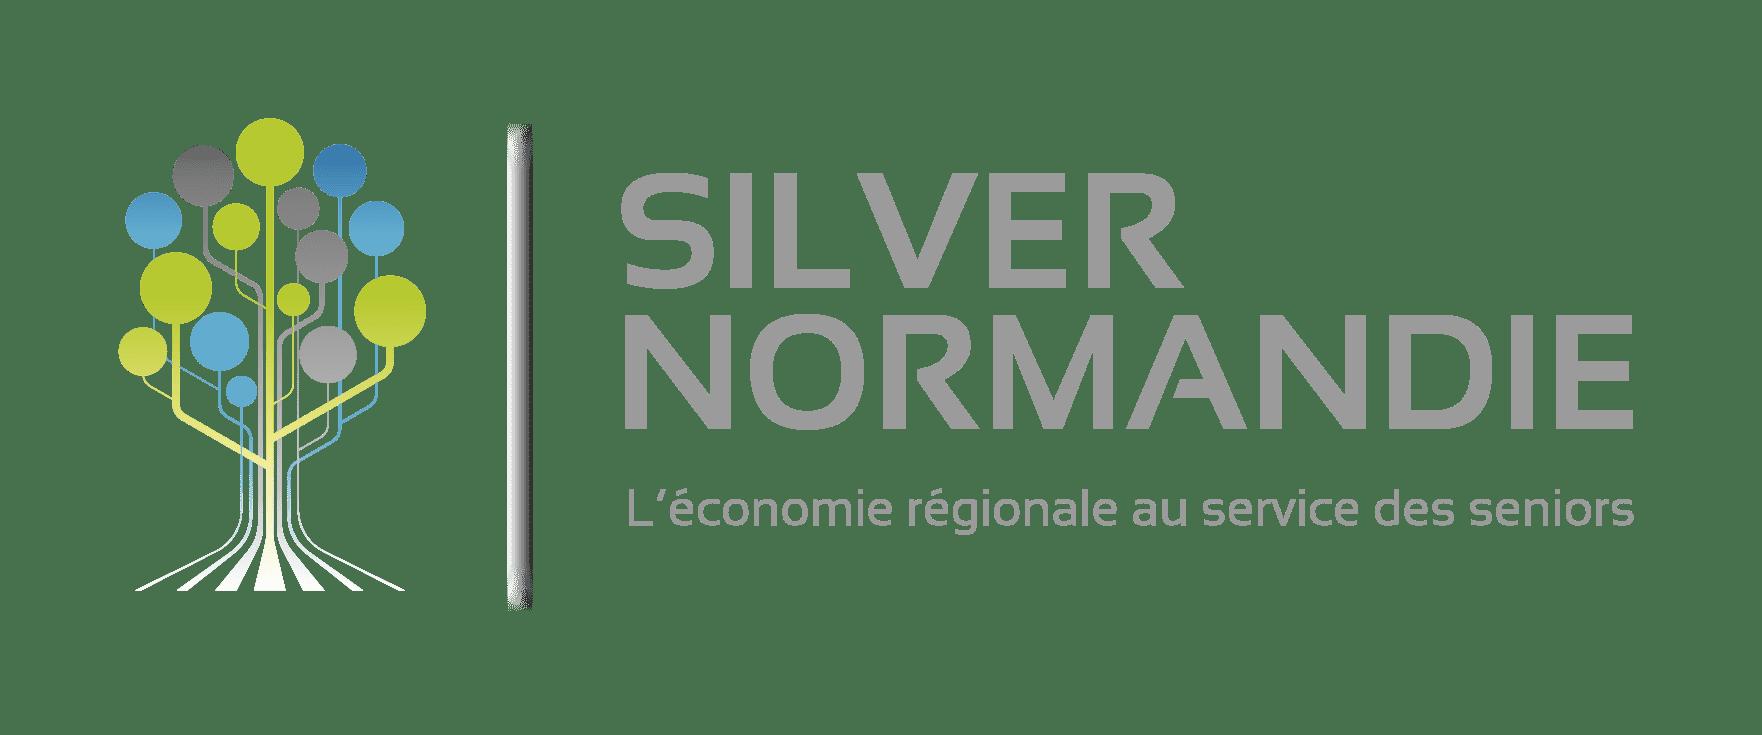 silver normandy logo